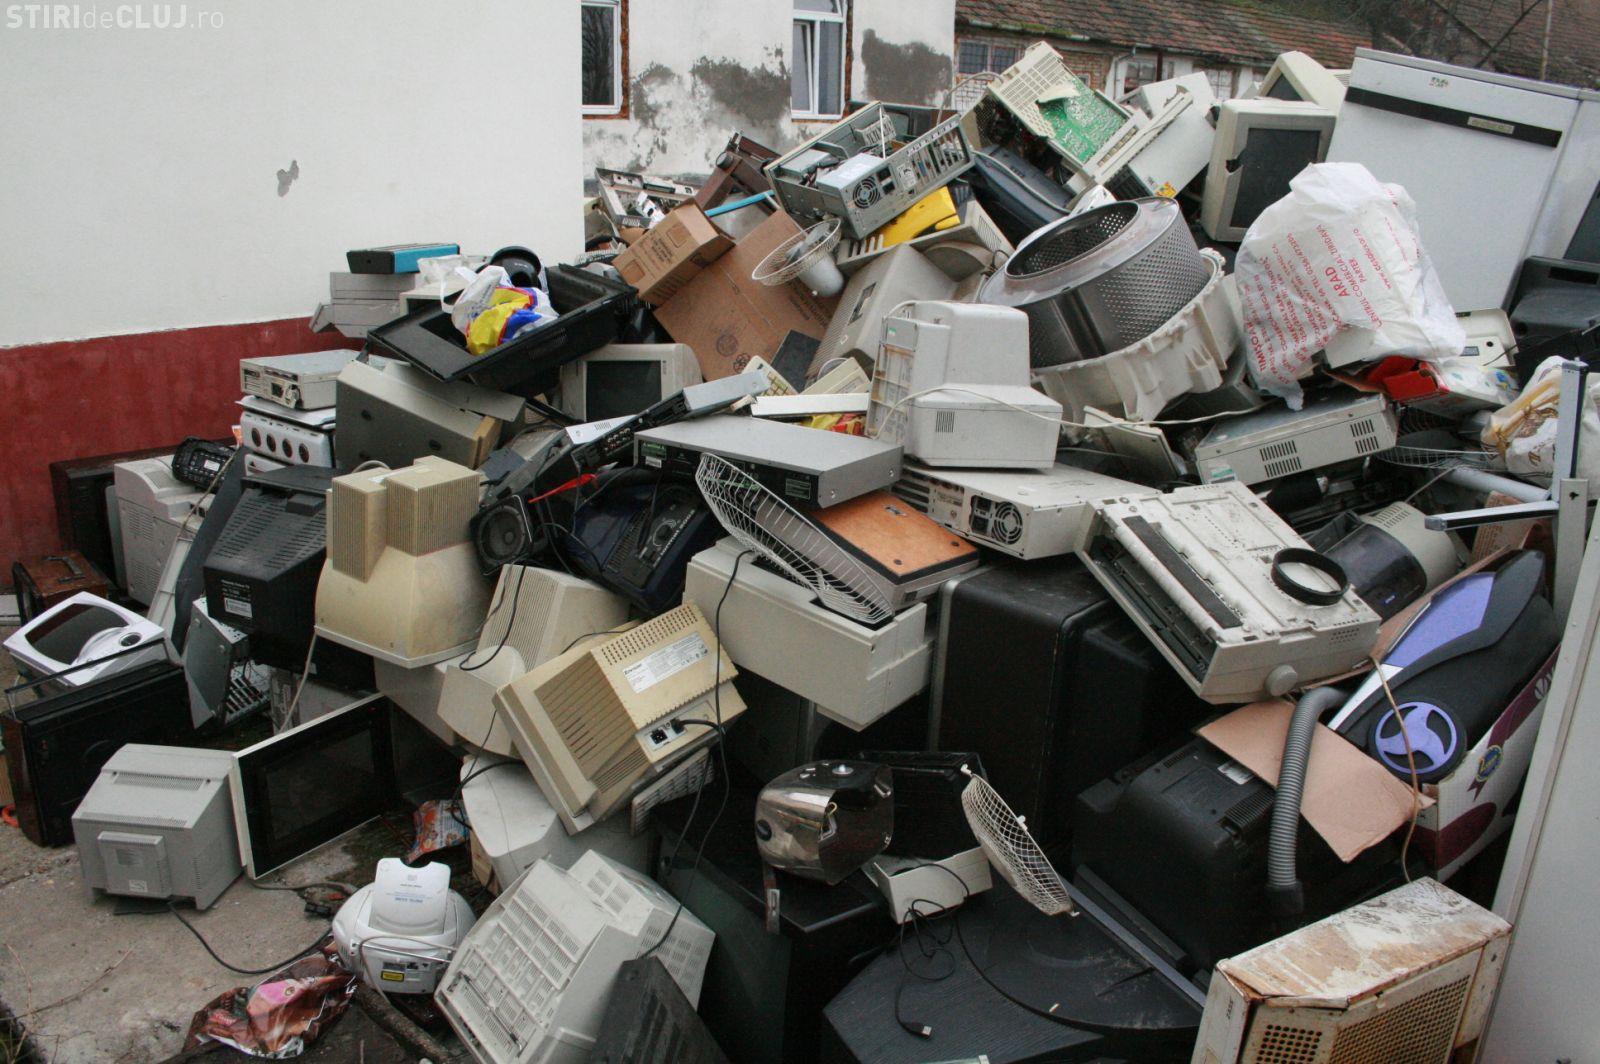 Cluj: În 26 august puteți arunca deșeurile electronice la puncte special amenajate